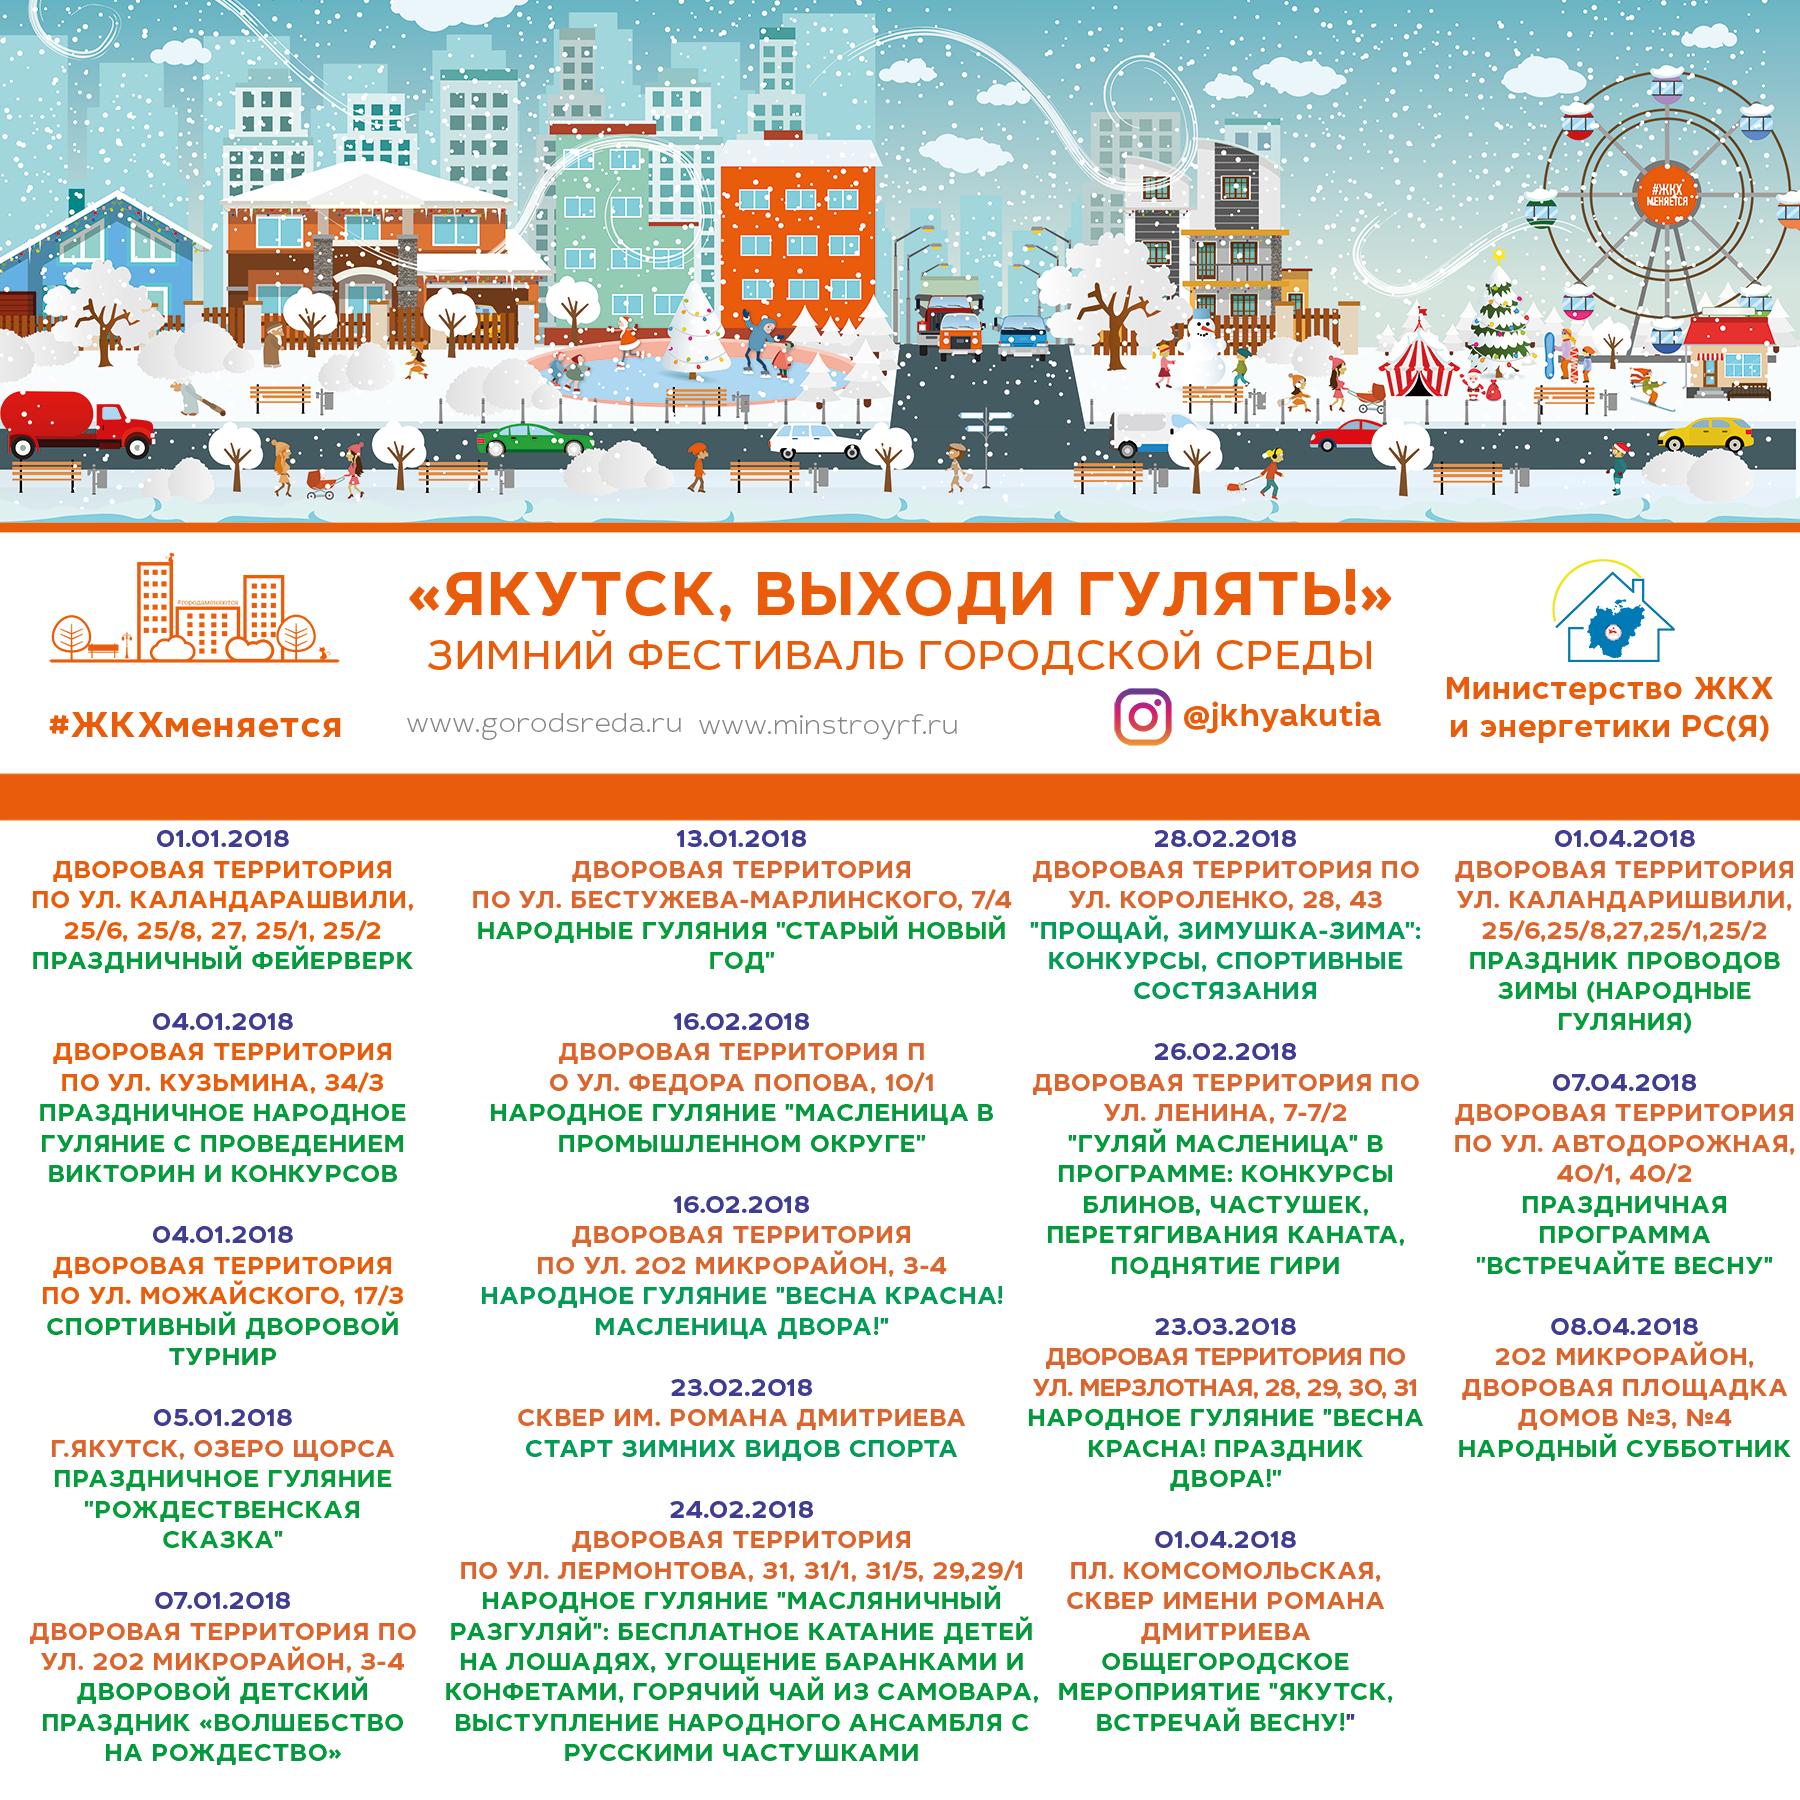 В Якутске проходит Фестиваль городской среды «Выходи гулять!»